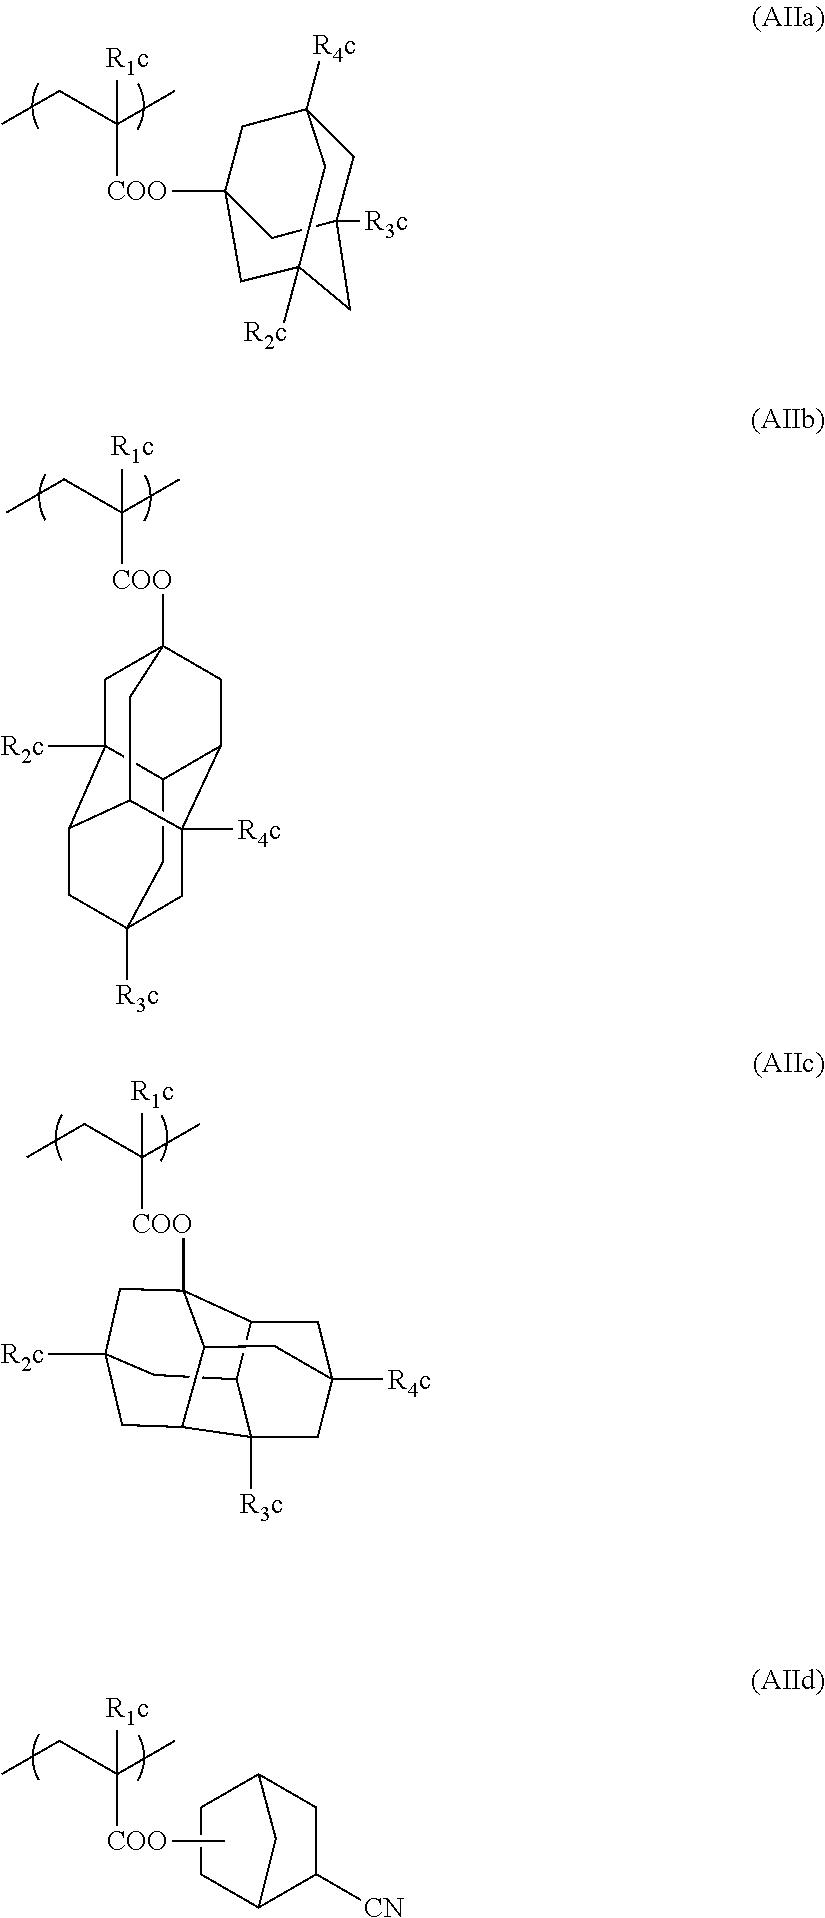 Figure US20110183258A1-20110728-C00053